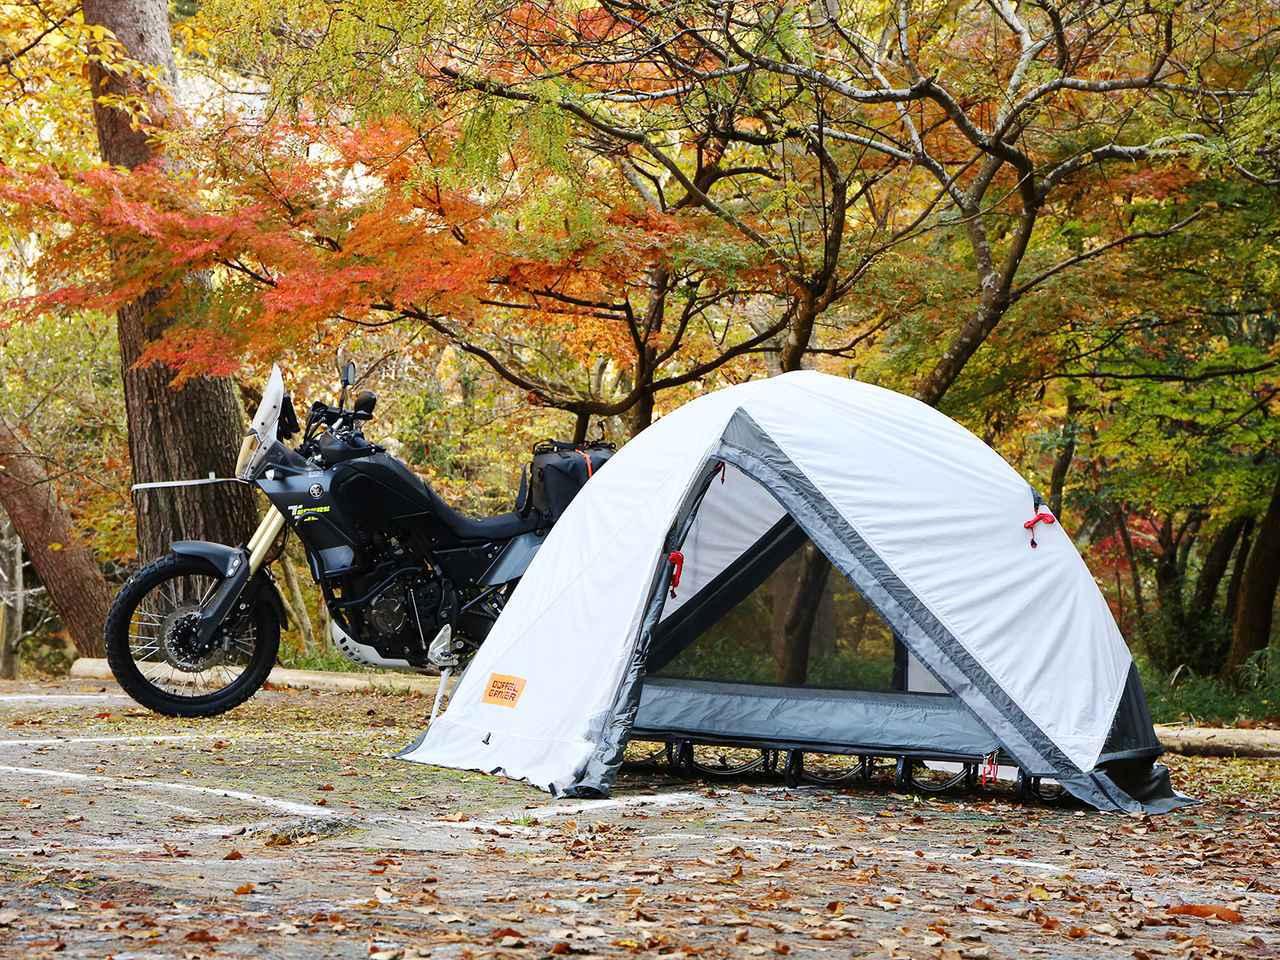 画像2: バイク乗りのための「バイクツーリングコットテント」が登場!